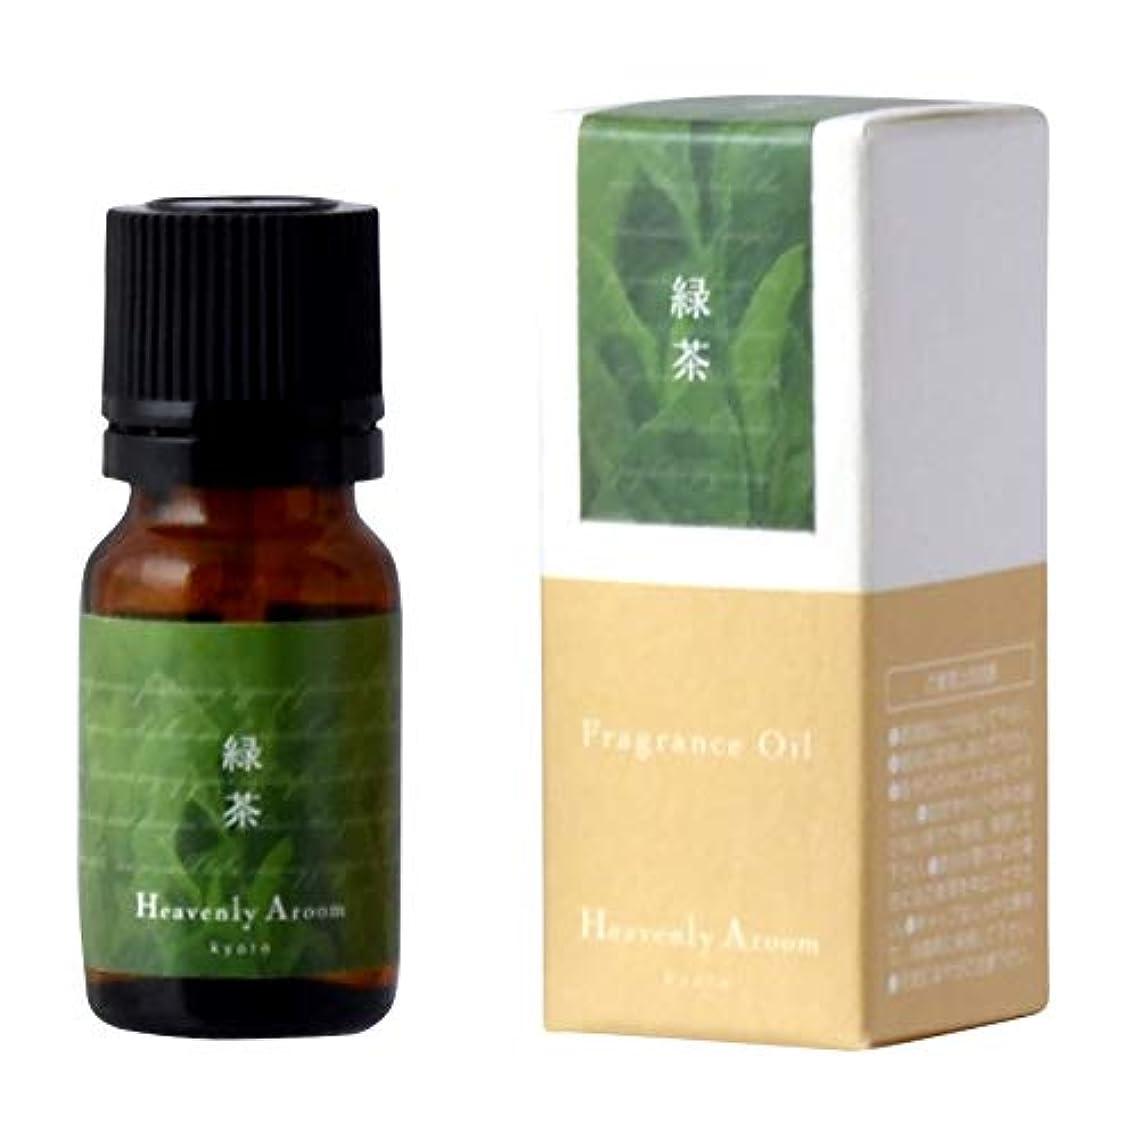 汚染された神経衰弱パテHeavenly Aroom フレグランスオイル 緑茶 10ml